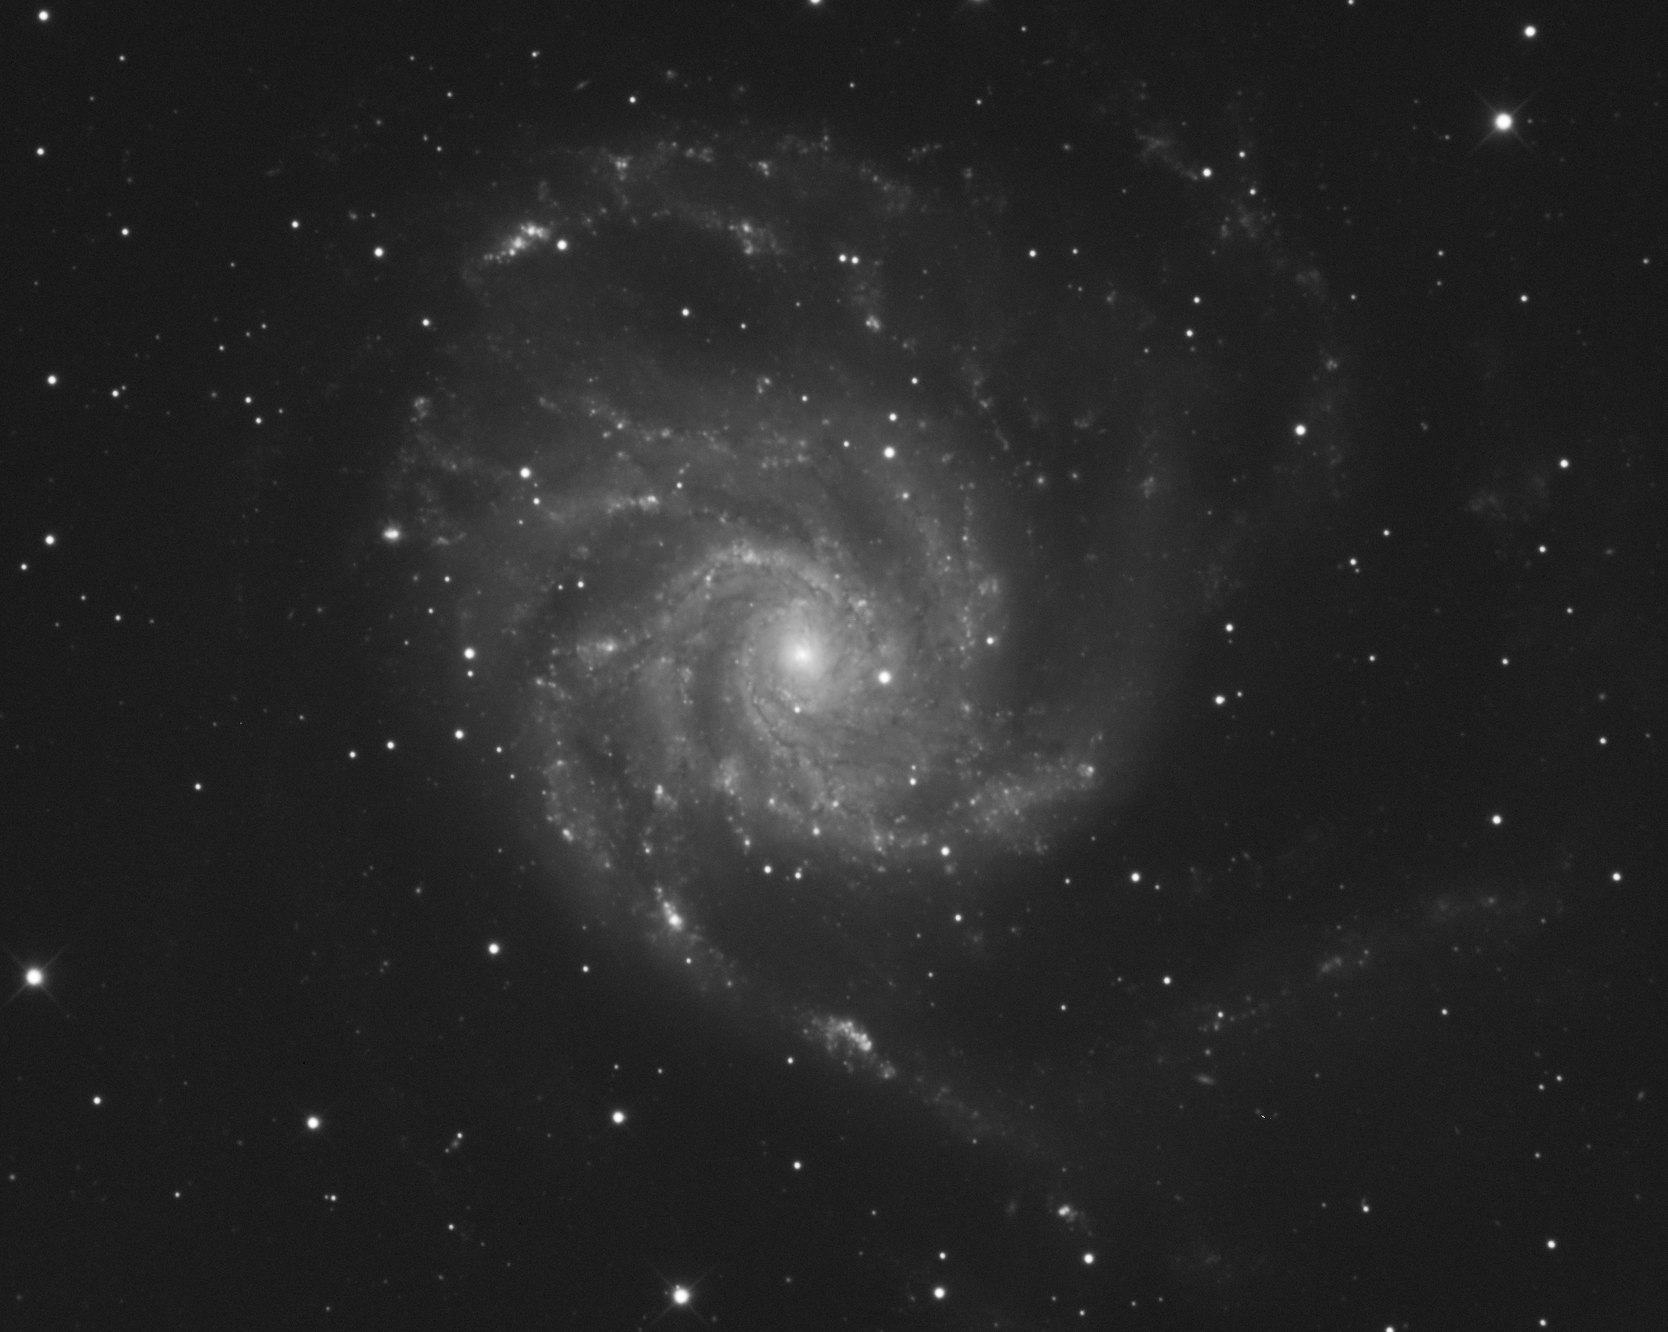 M101_V4.png.7031a92b14f02b2cc84e0dcbe49b3e77.png